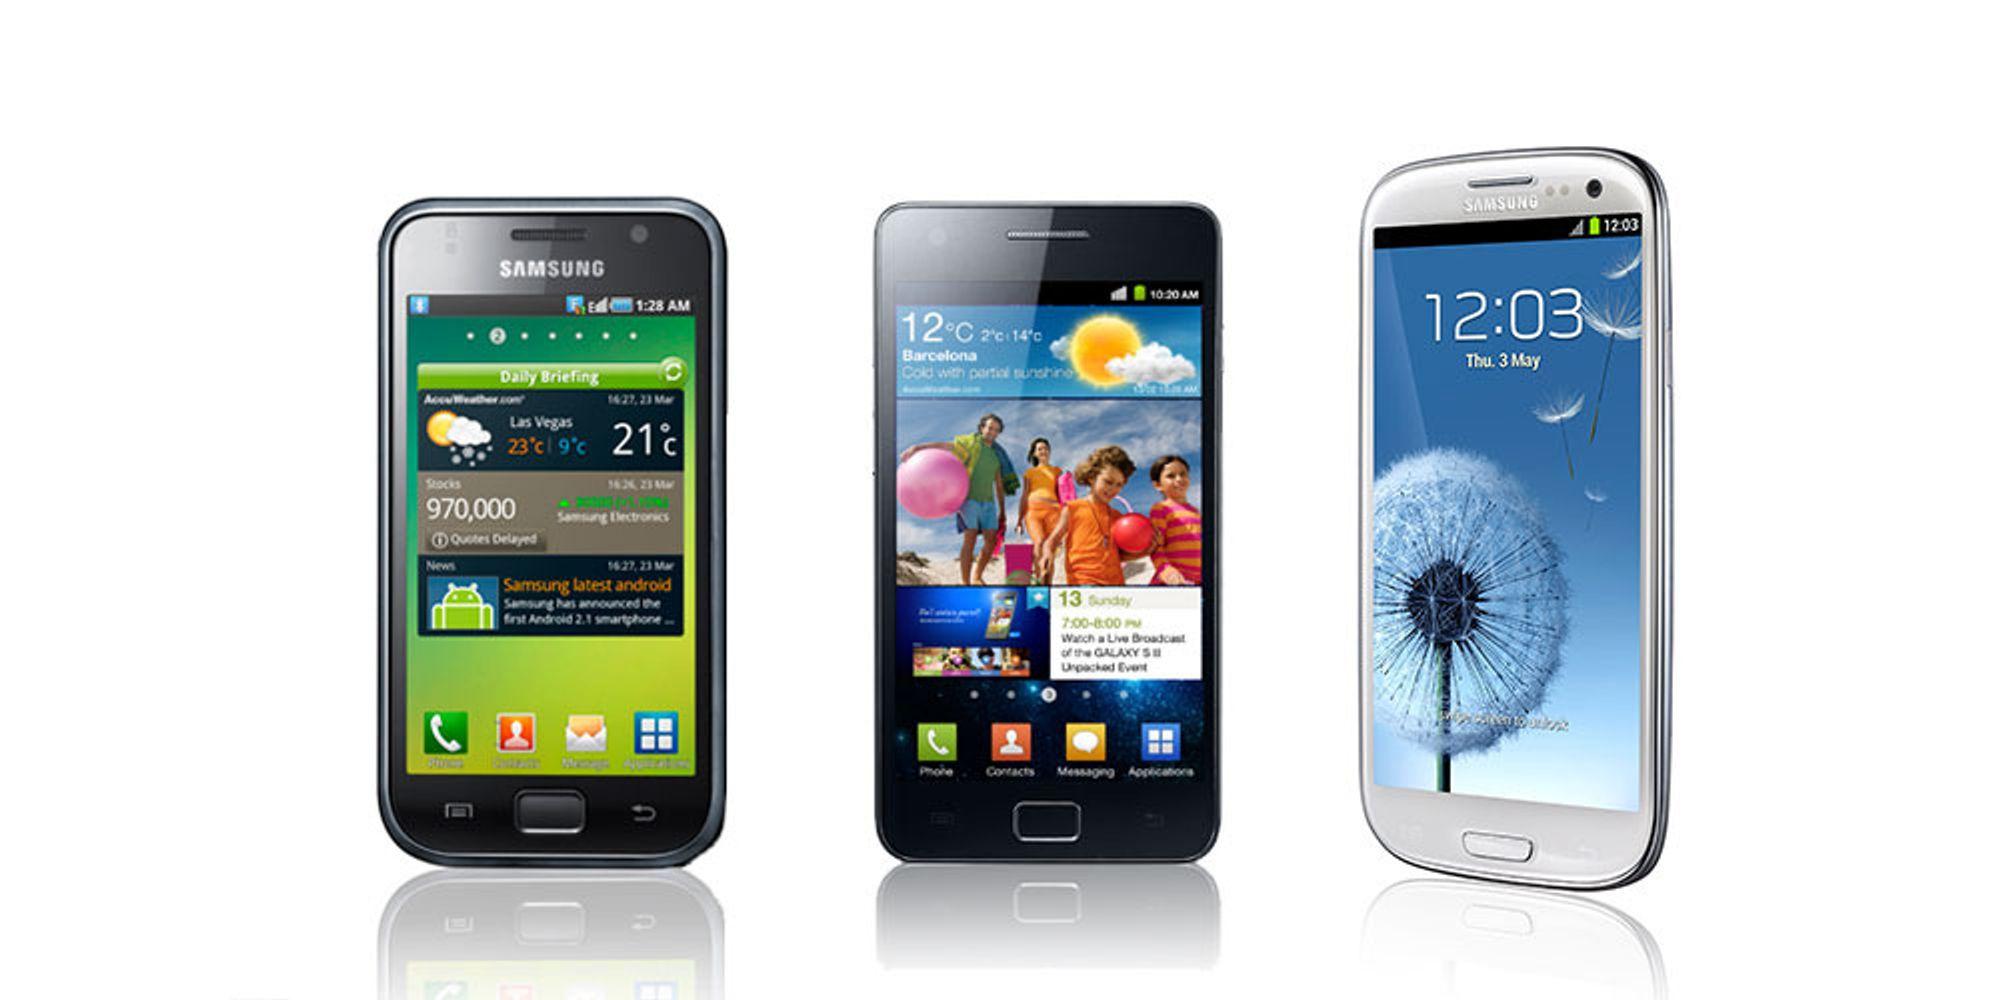 100 000 000 Galaxy S-modeller solgt